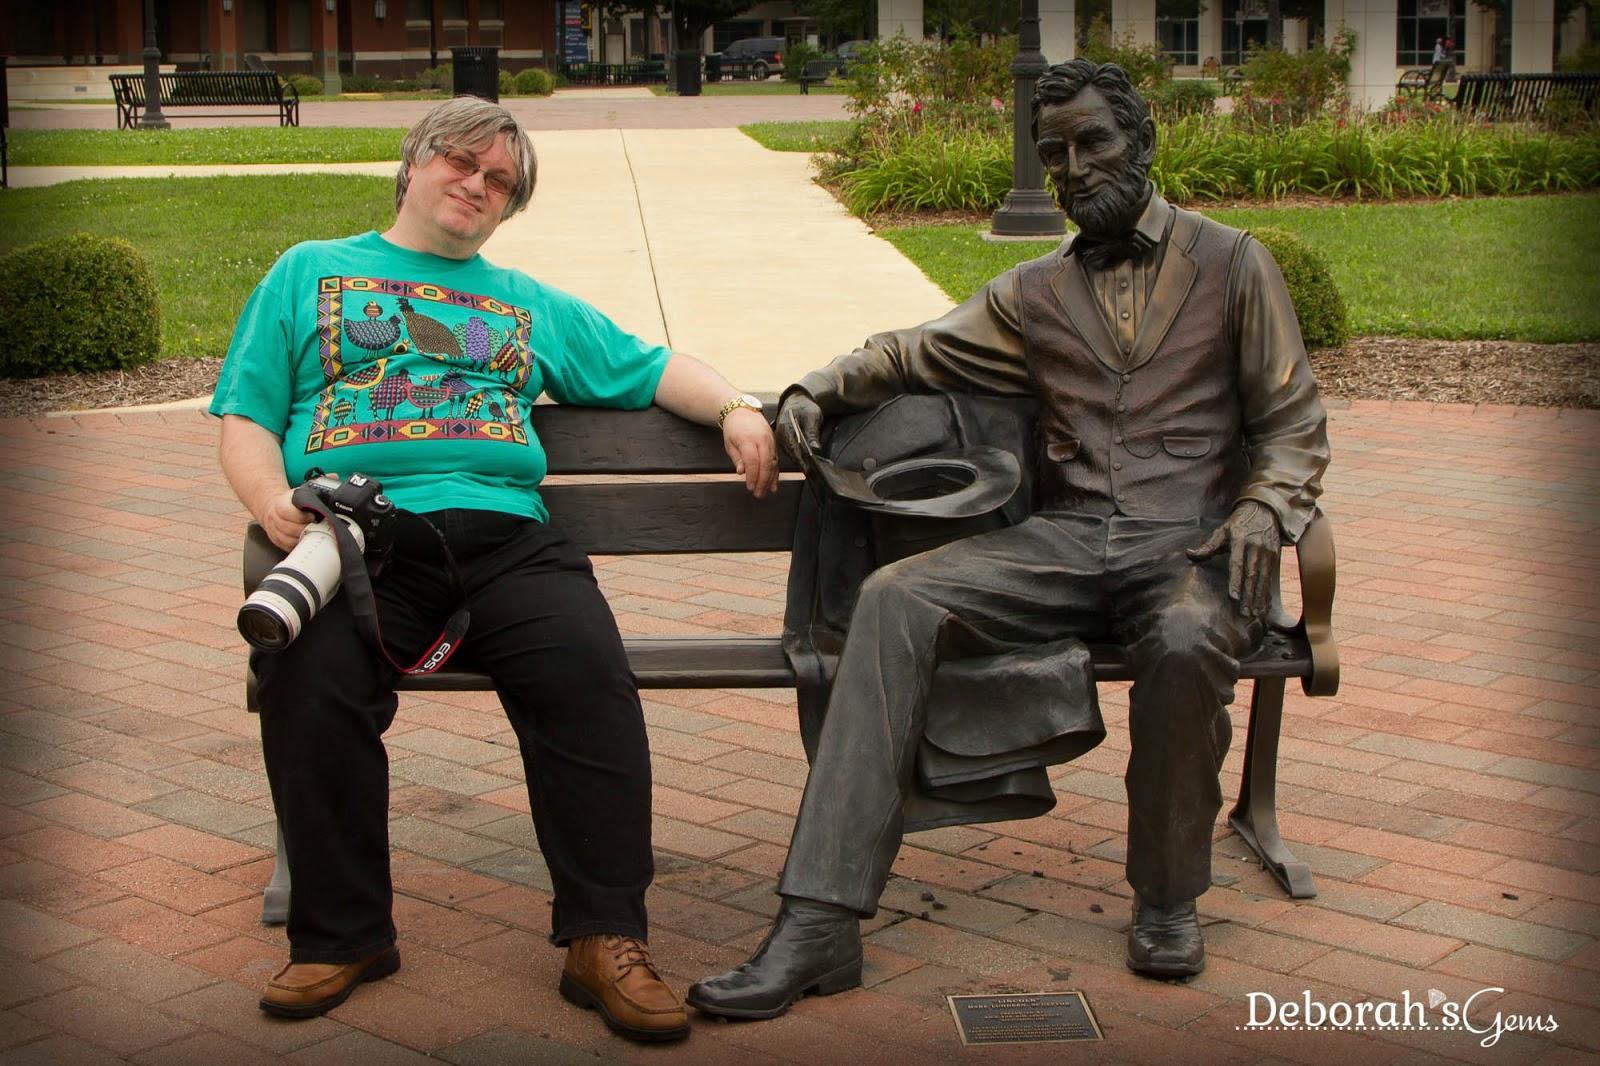 Springfield 2 - photo by Deborah Frings - Deborah's Gems